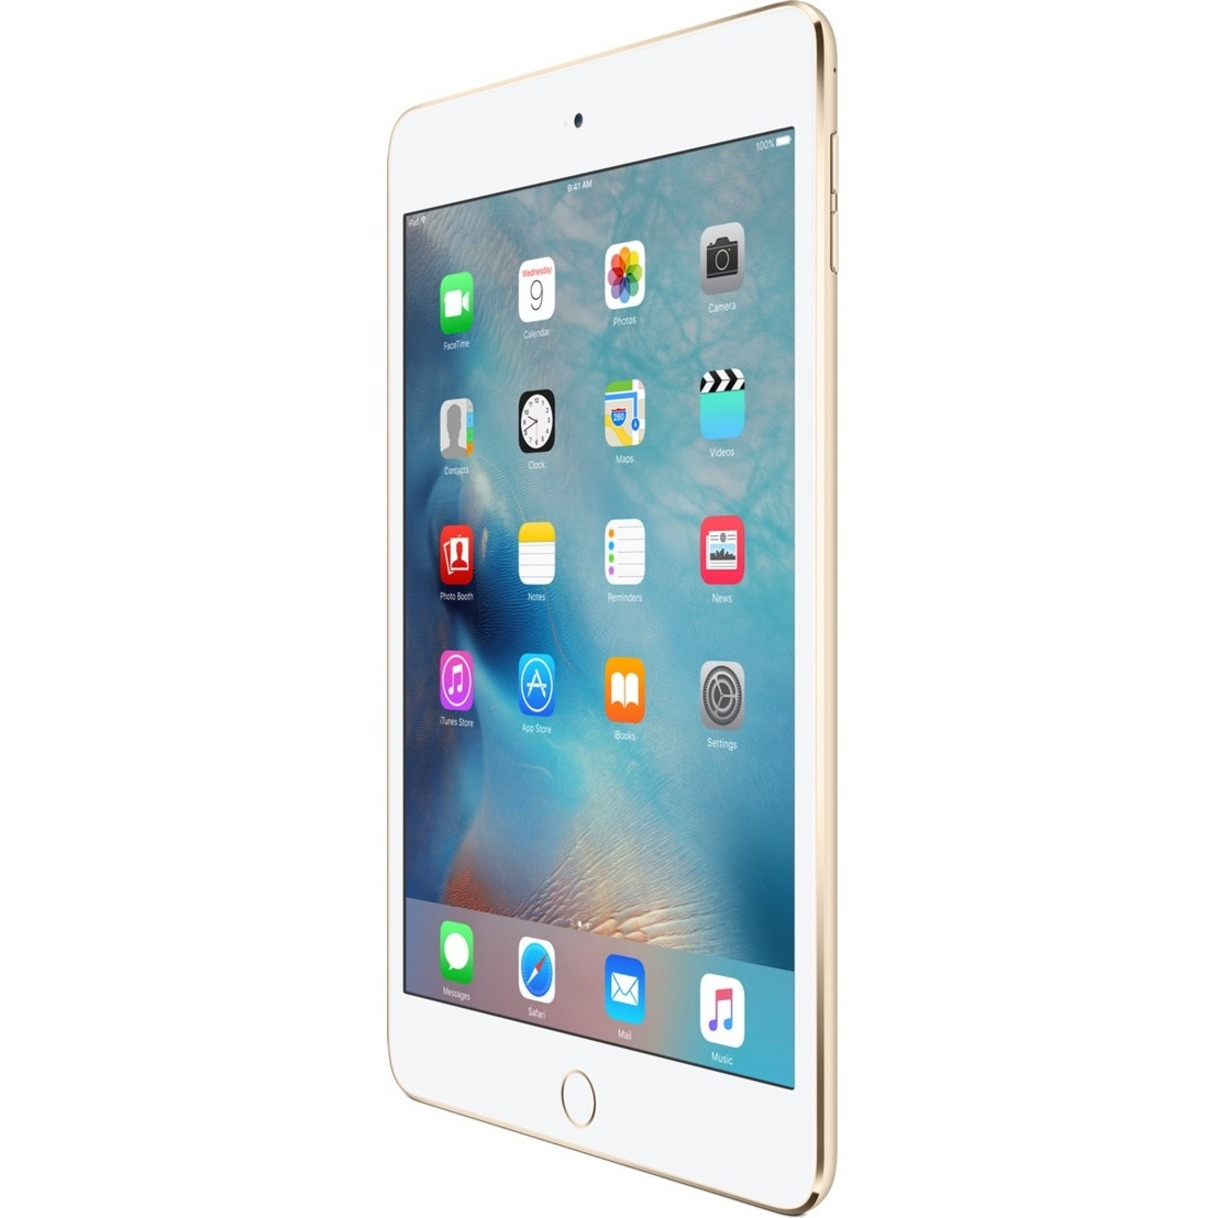 Apple Ipad Mini 4 Tablet 7 9 64 Gb Storage Ios 9 4g Gold Walmart Com Walmart Com